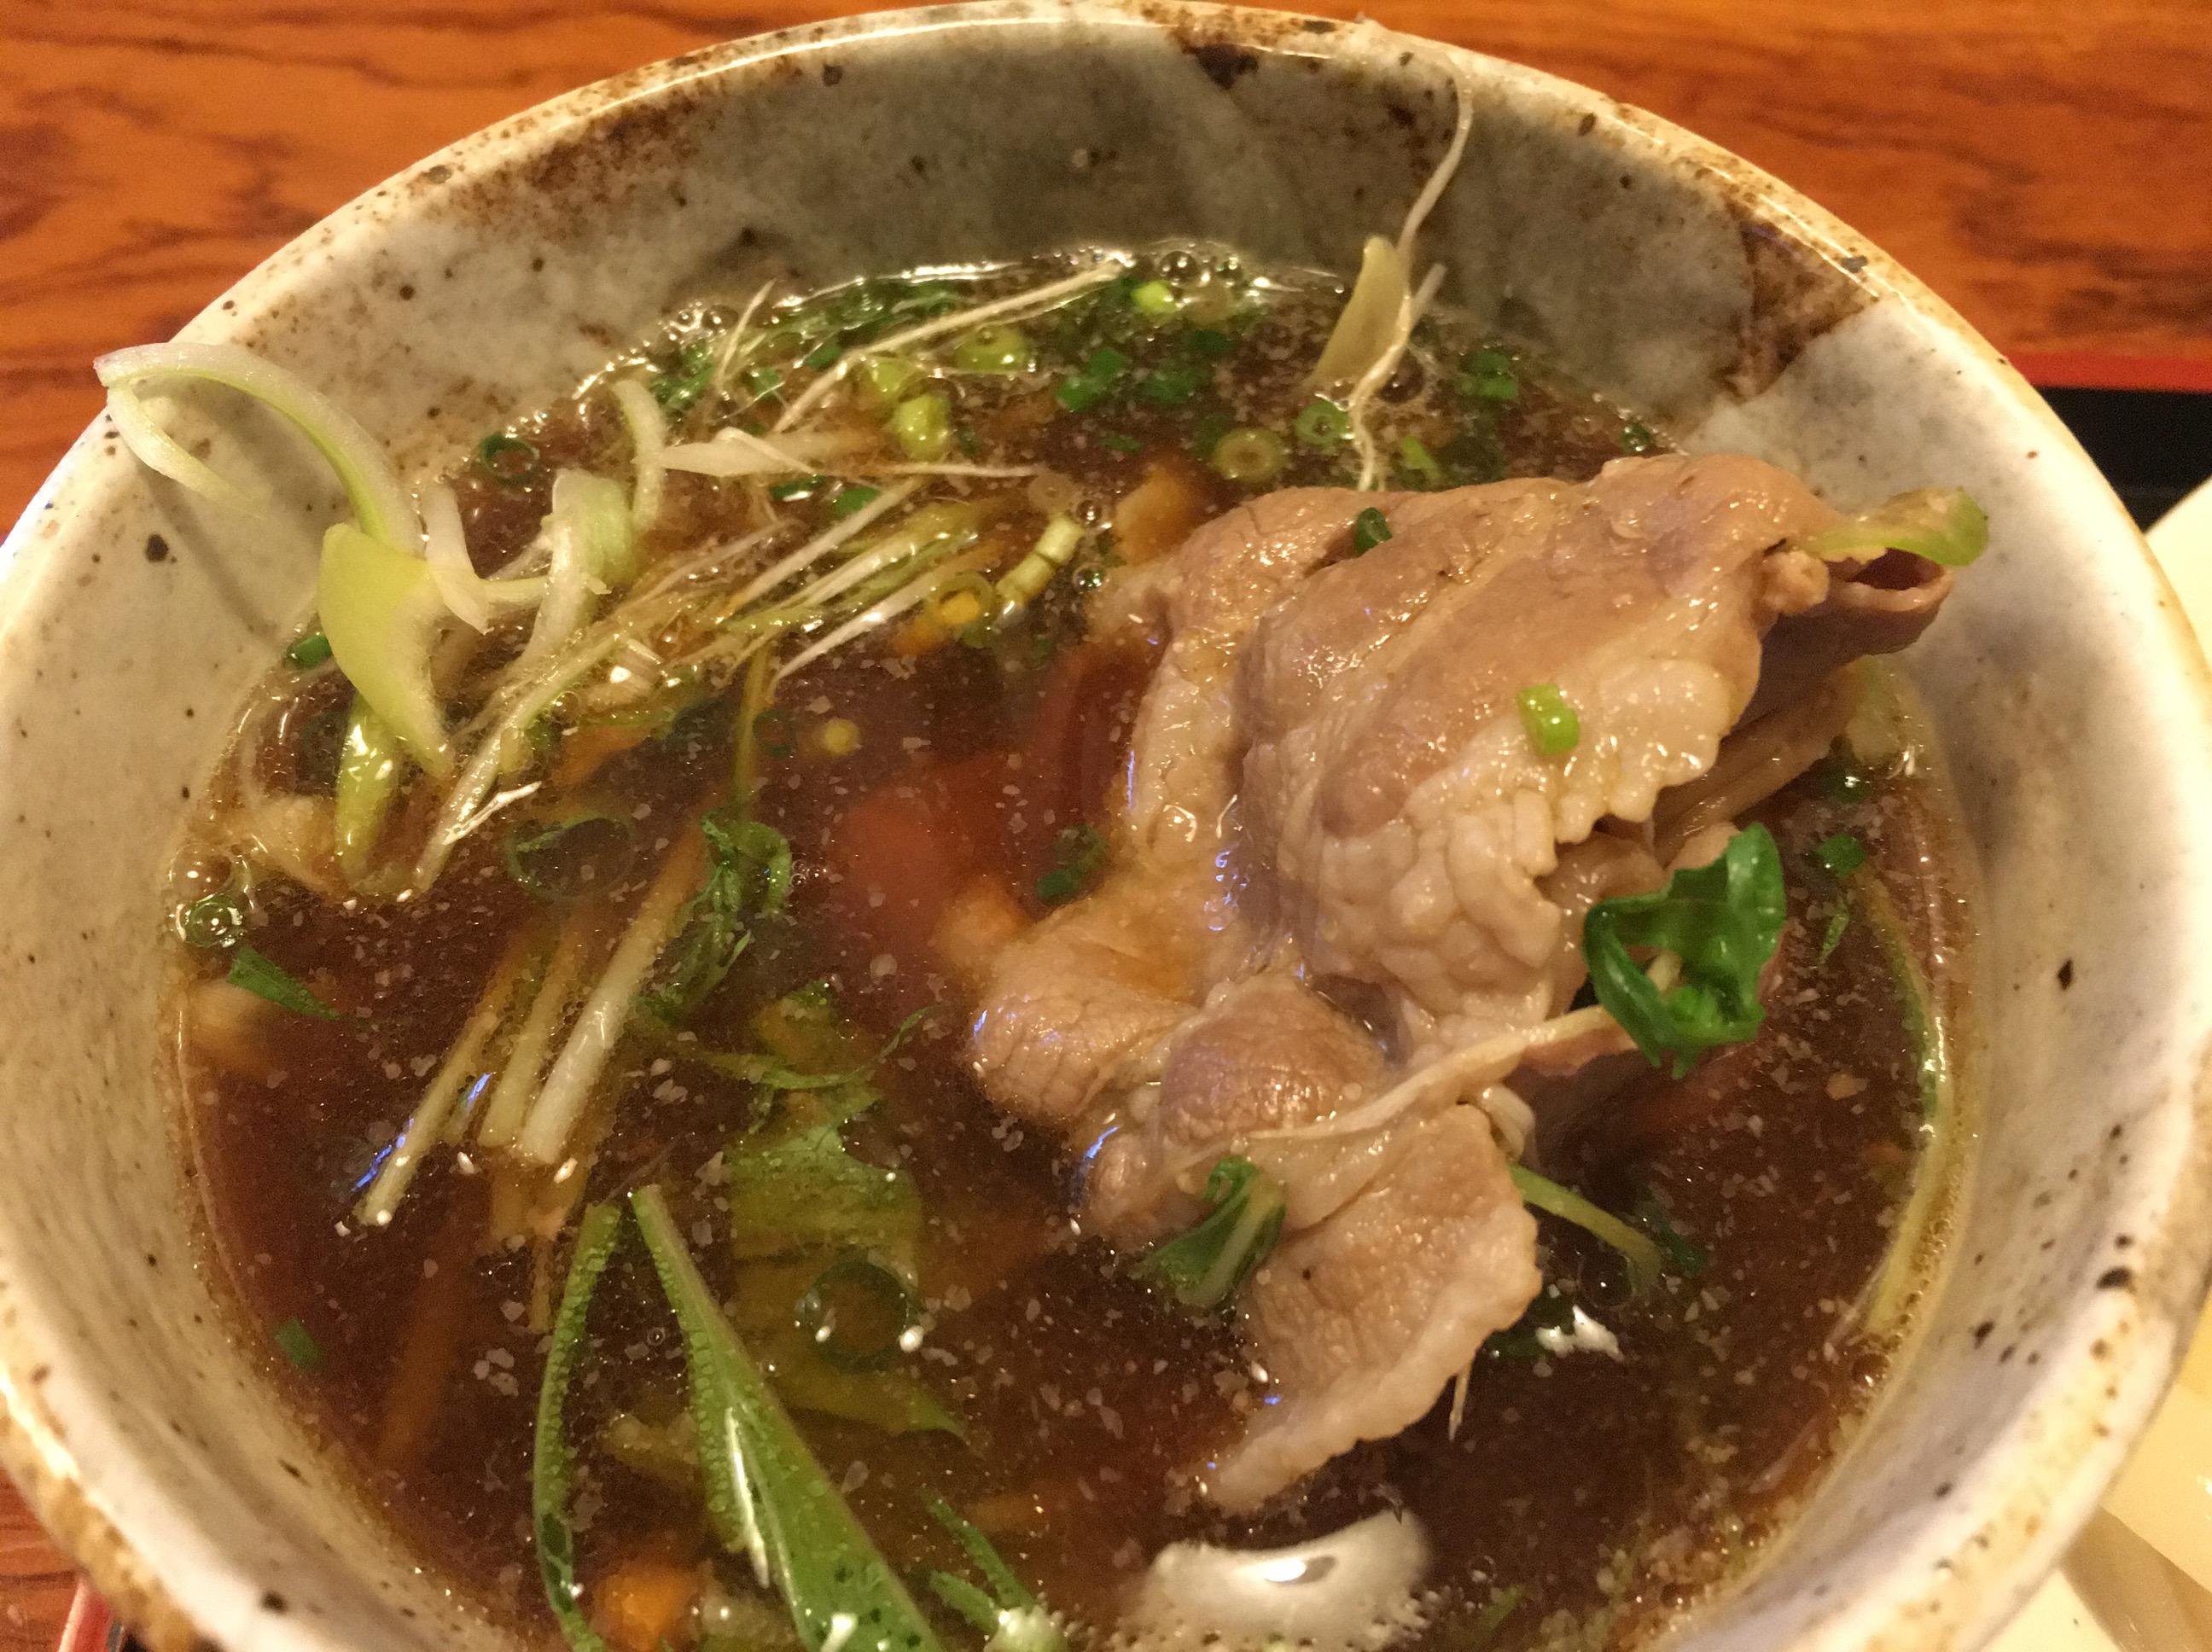 【桶川市】「手打ちうどん いしづか 」牛肉が大量に入っている、つけ汁うどん最強に美味しくておすすめ